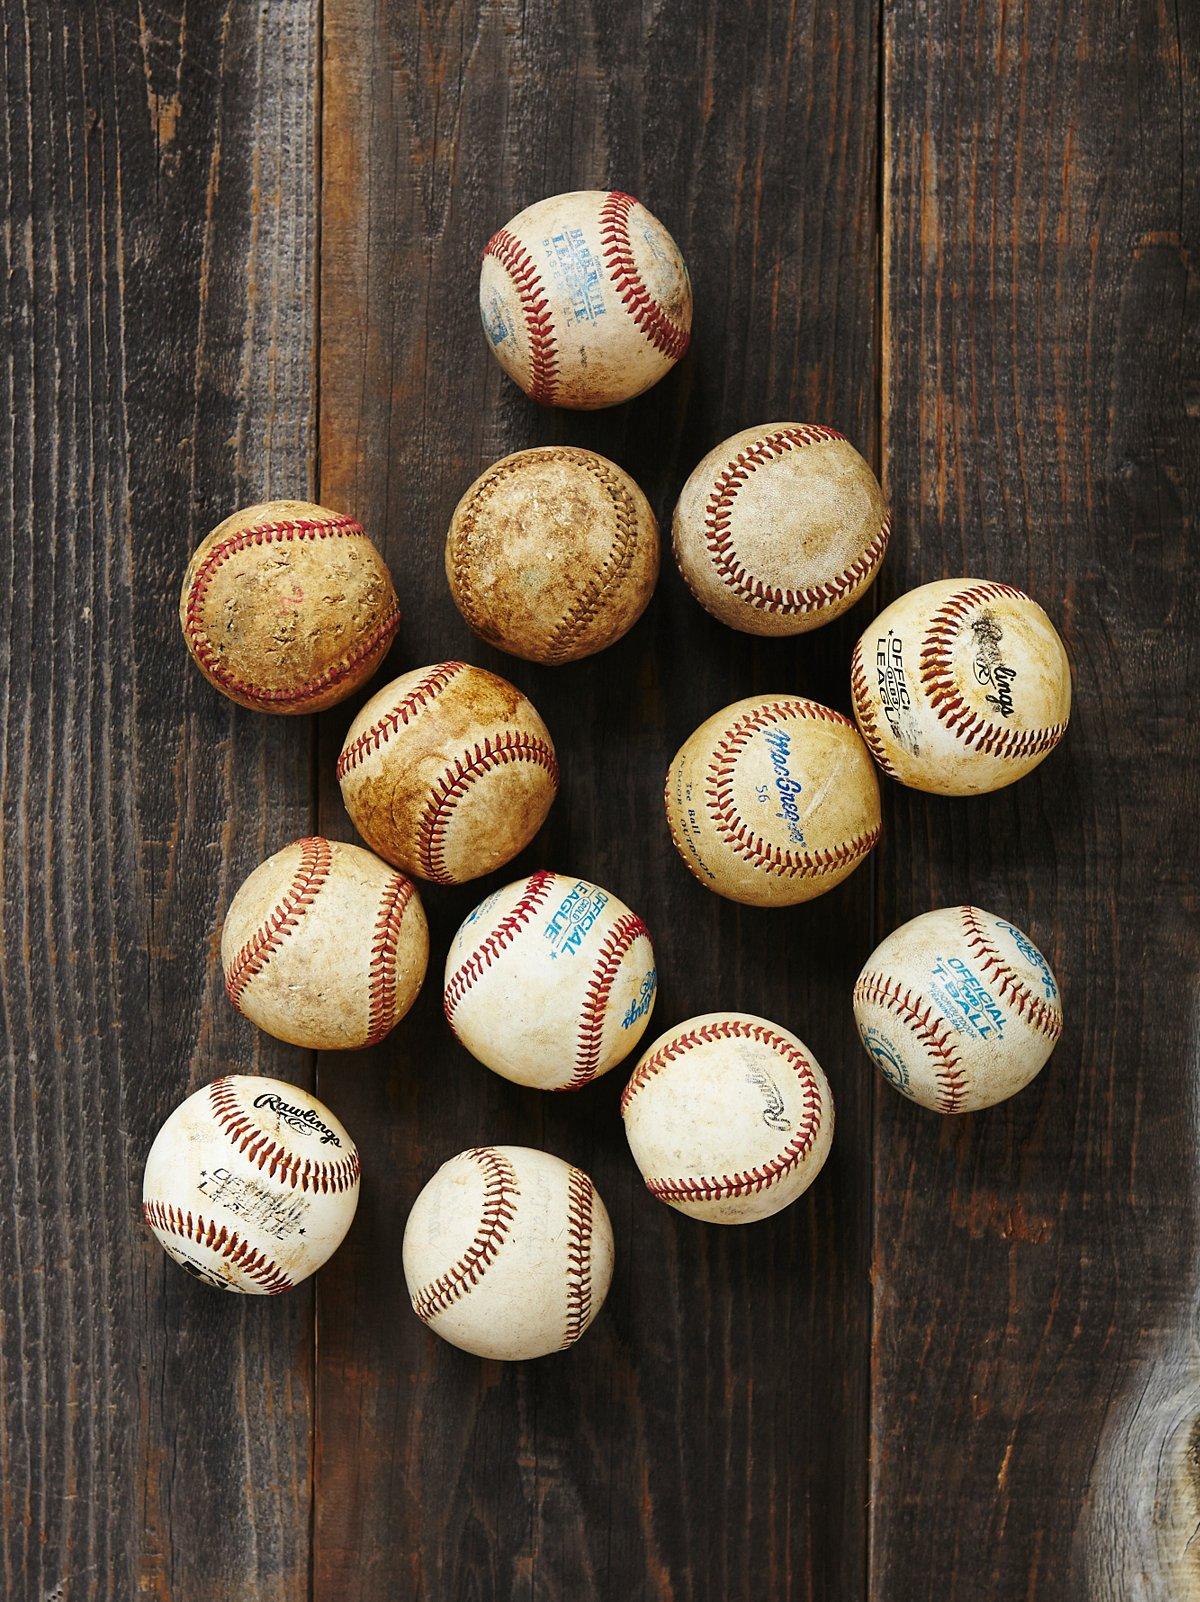 Vintage Assorted Baseballs